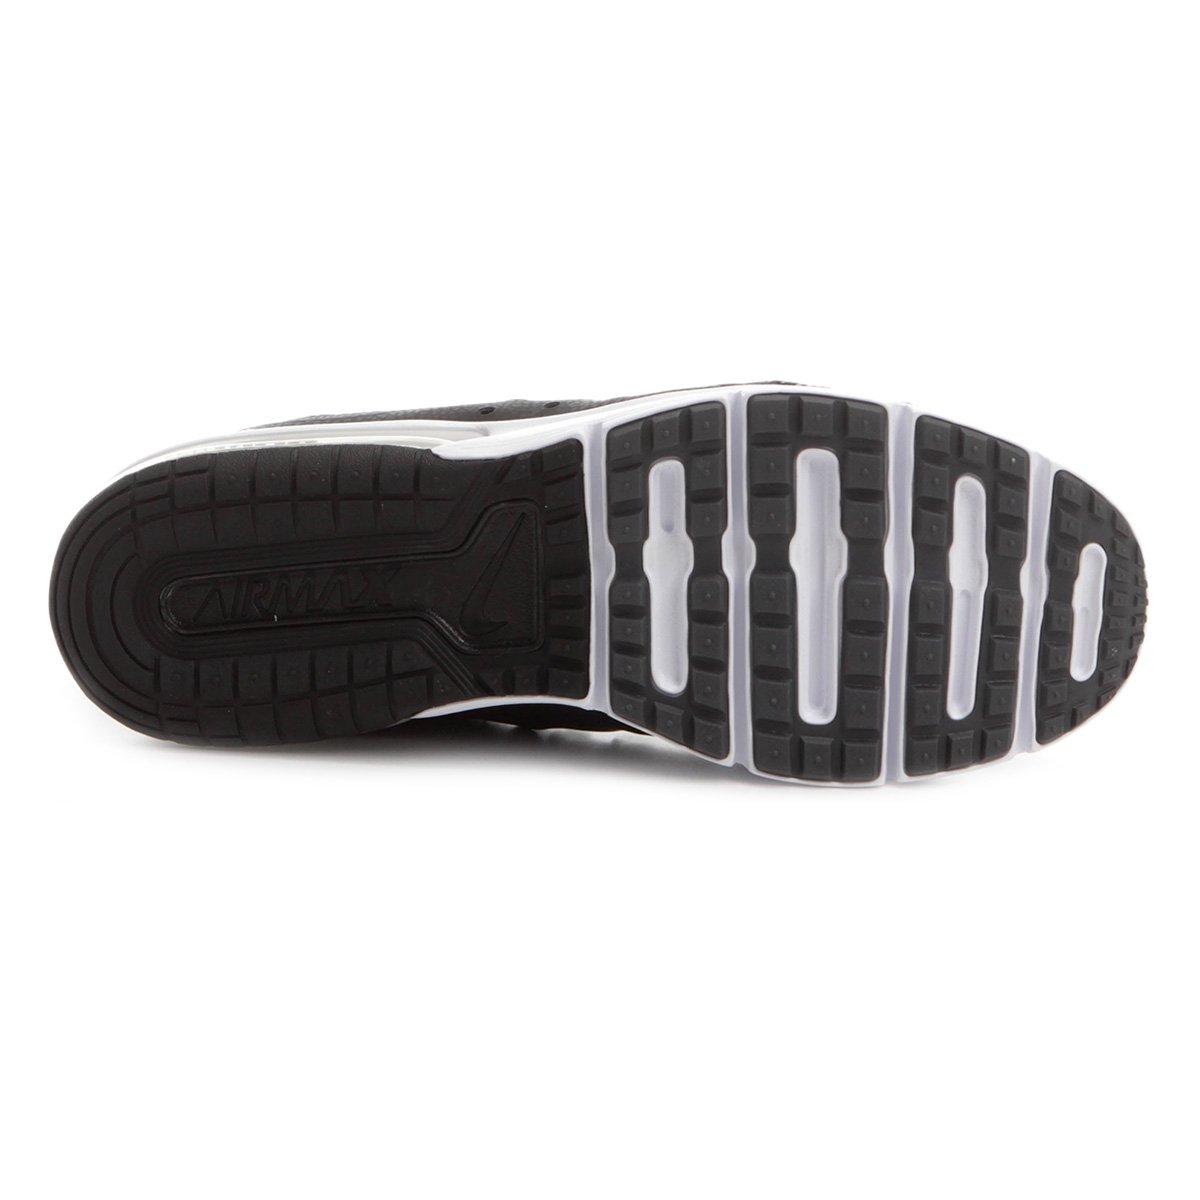 543da07ff5 Tênis Nike Air Max Sequent 3 Masculino - Preto e Branco - Compre ...